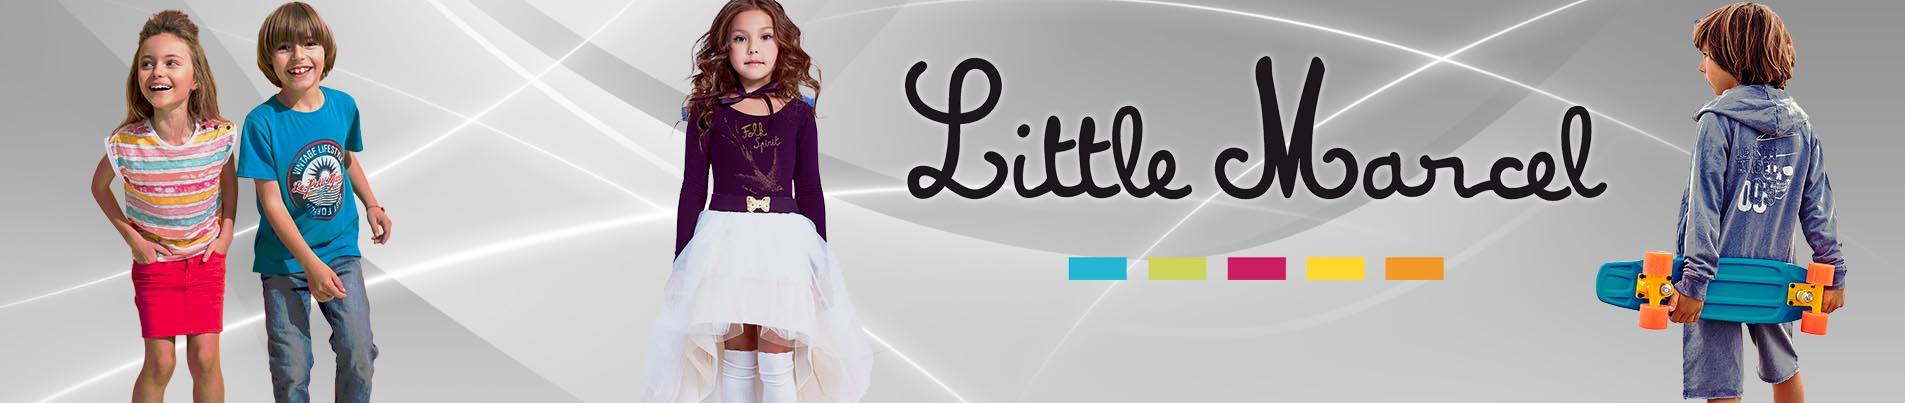 Brand odzież dziecięca hurtownia.